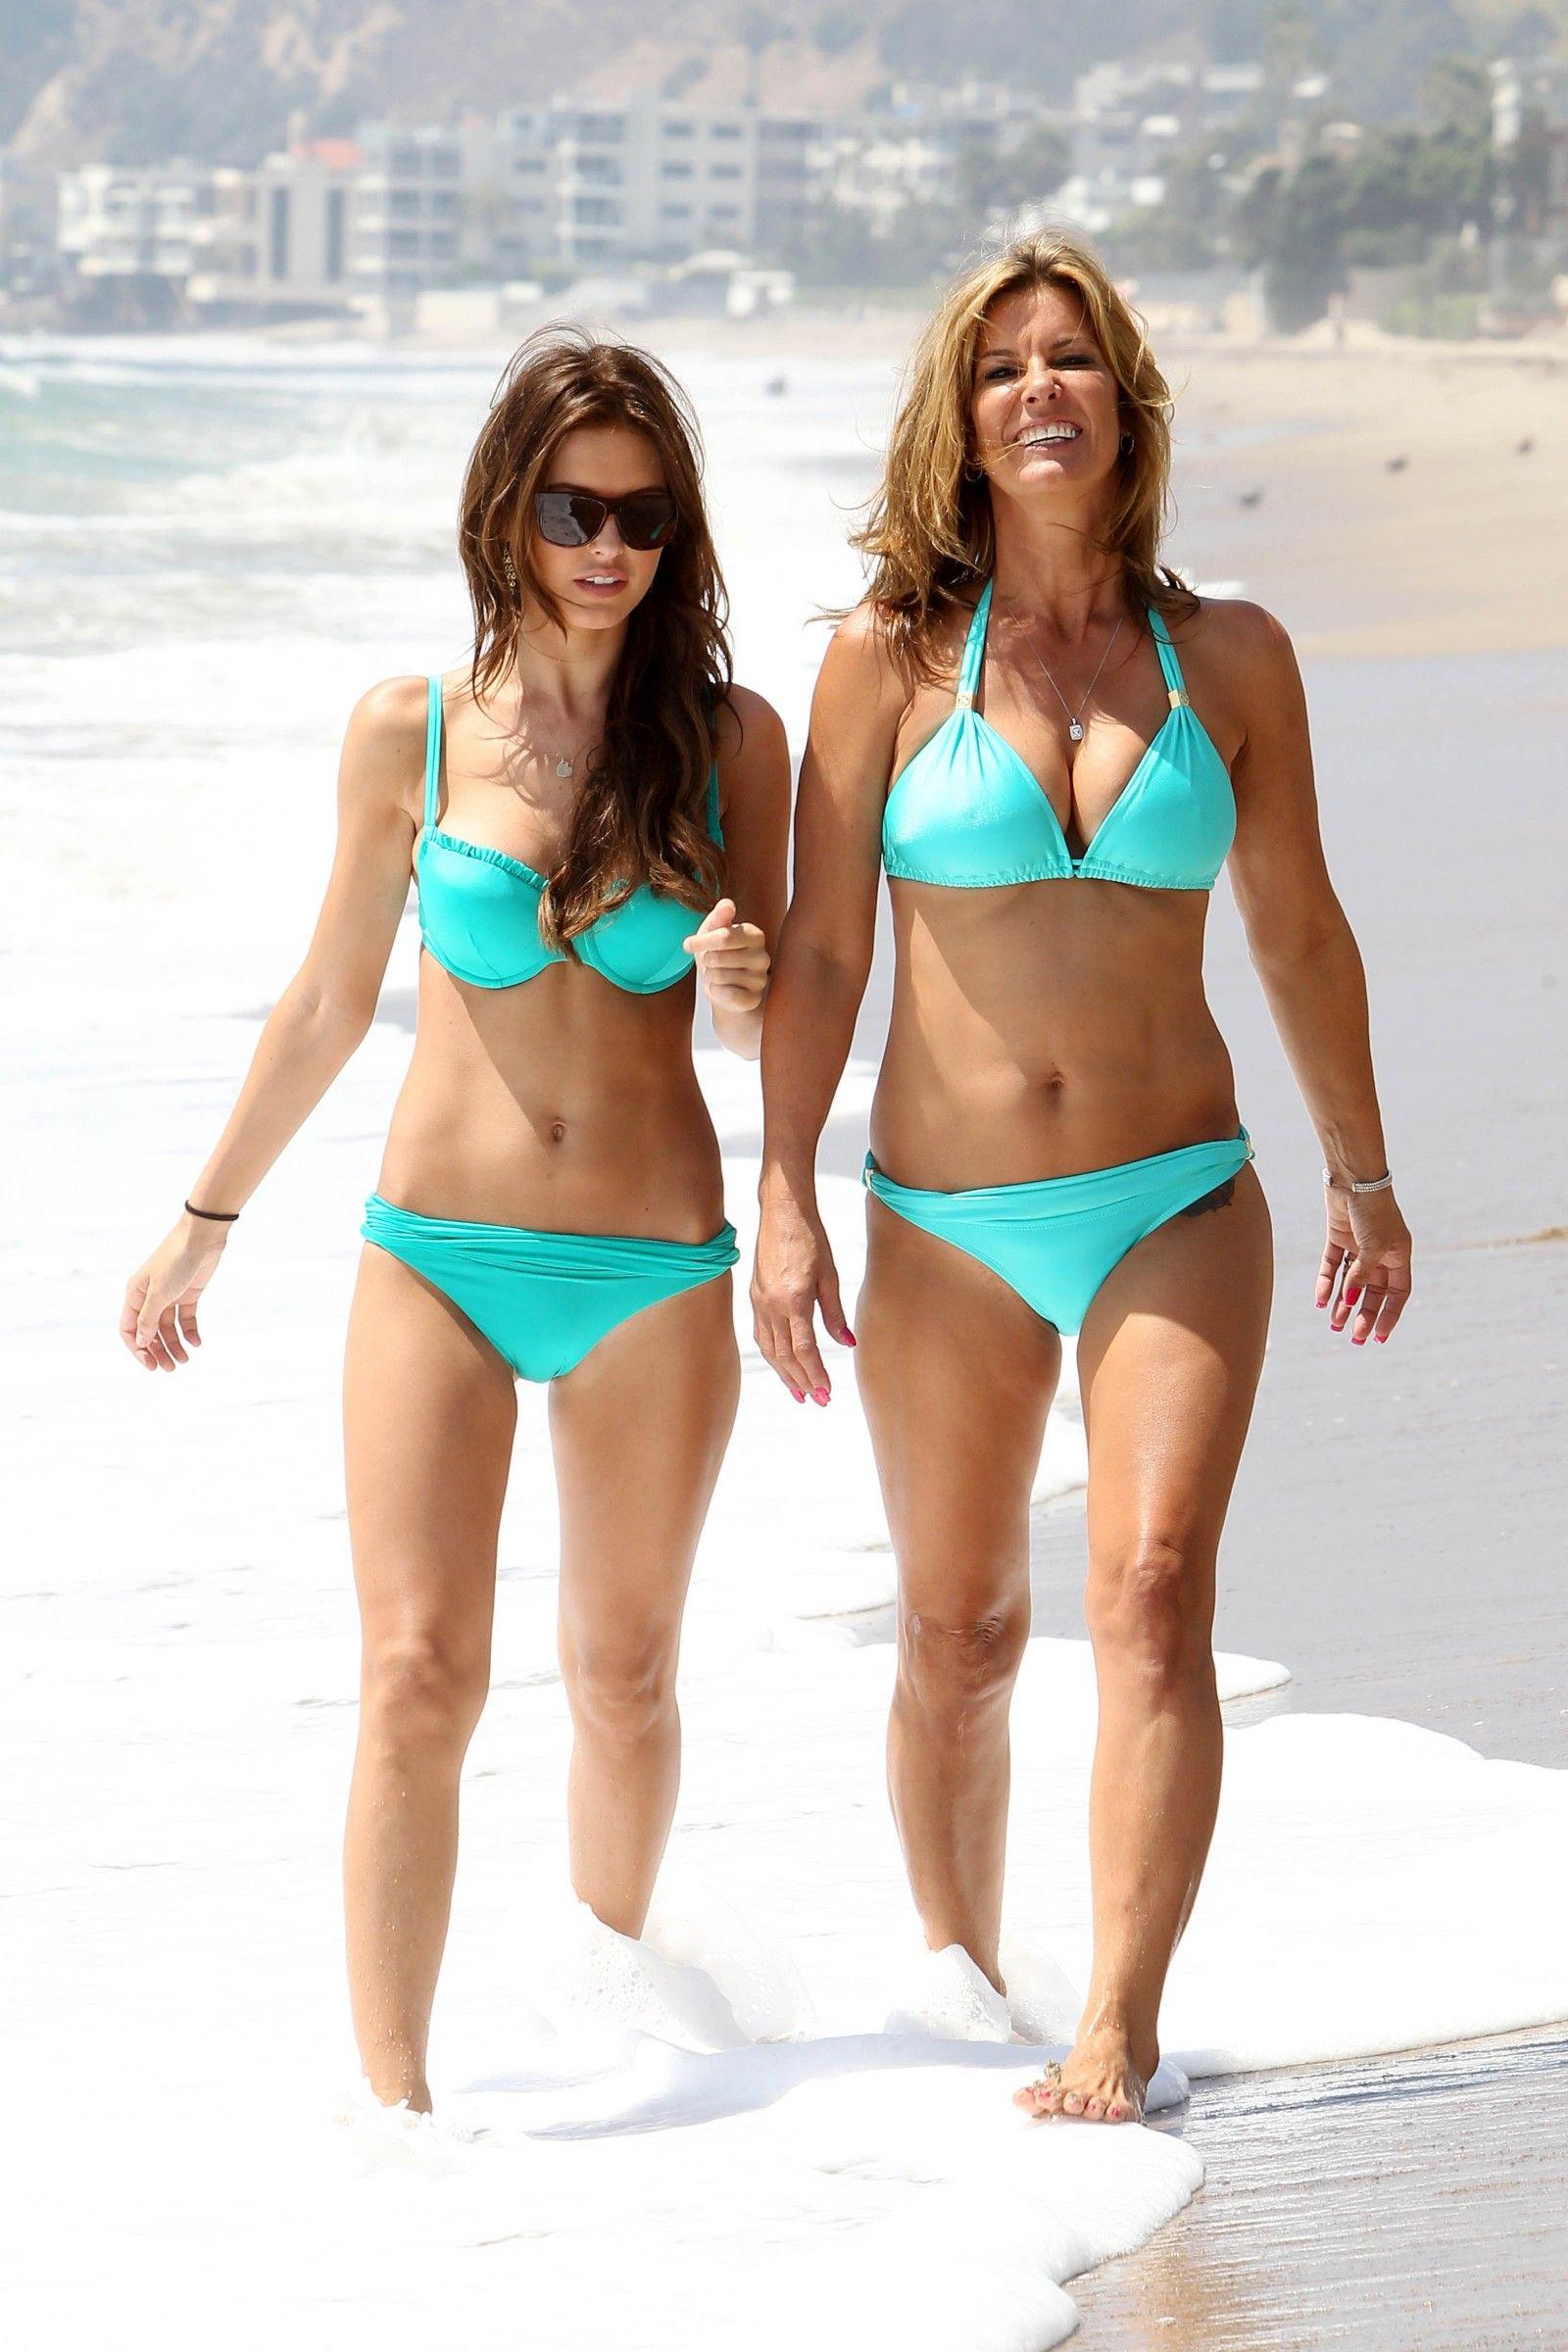 your-daughter-pics-in-bikini-mardi-gras-boobs-gallery